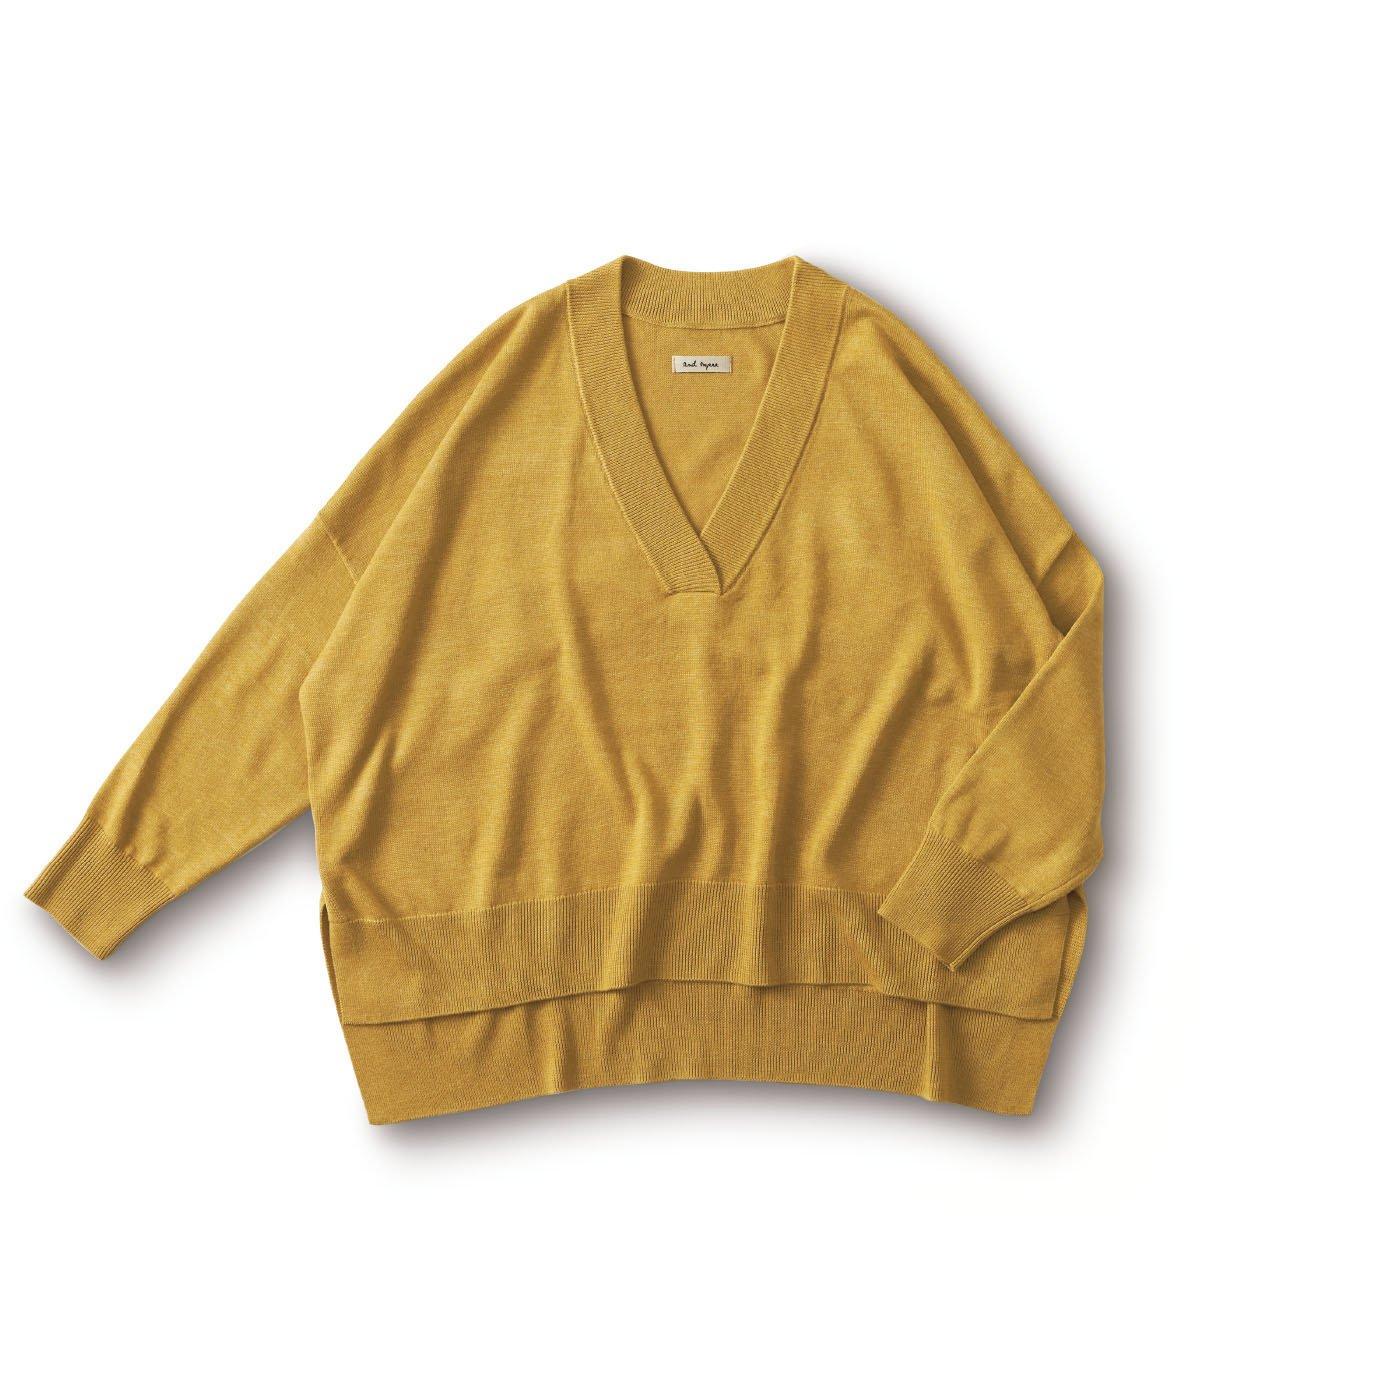 and myera 四角いセーター〈マスタード〉